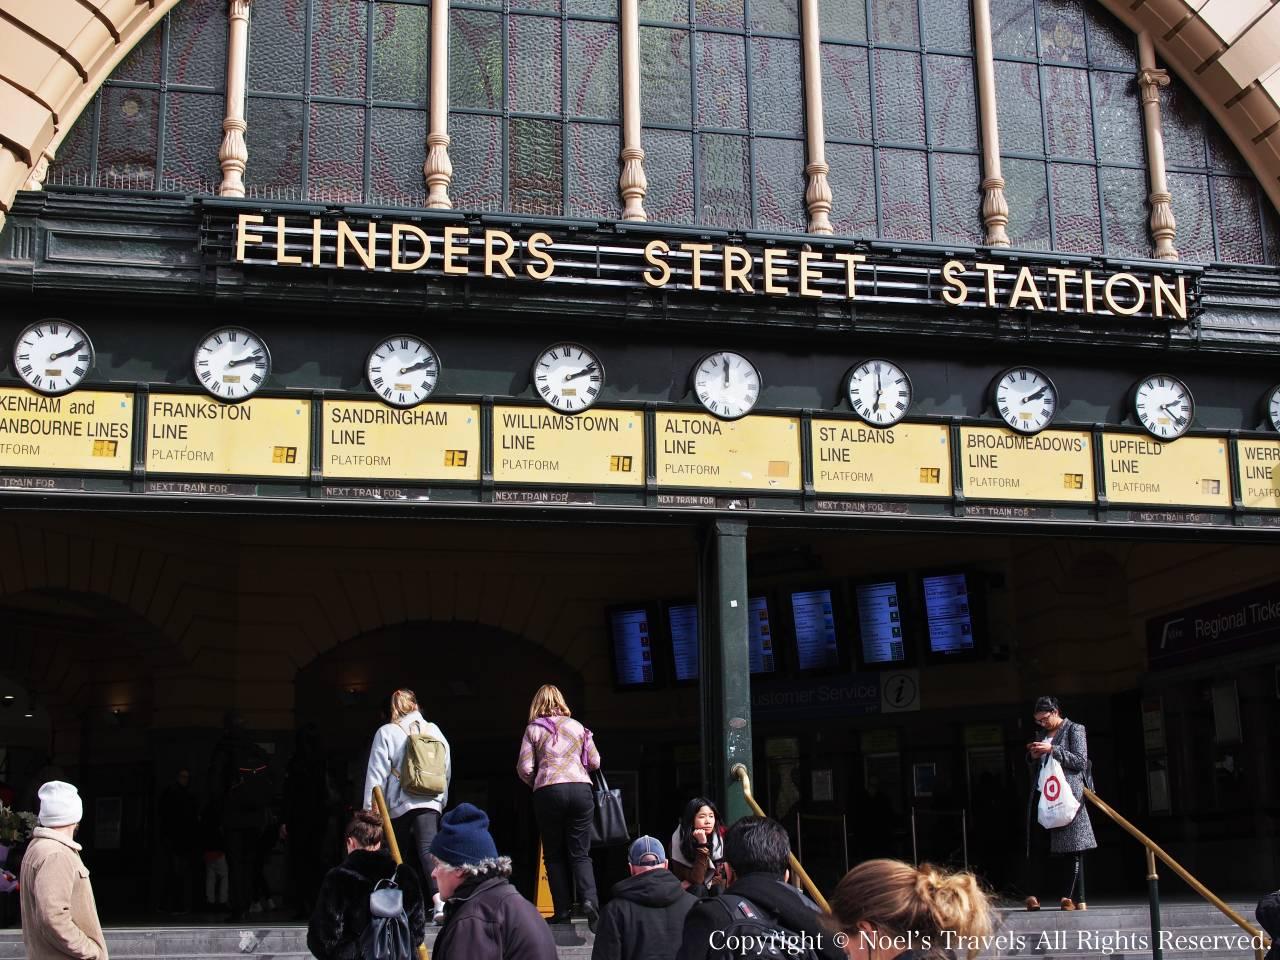 フリンダース・ストリート駅